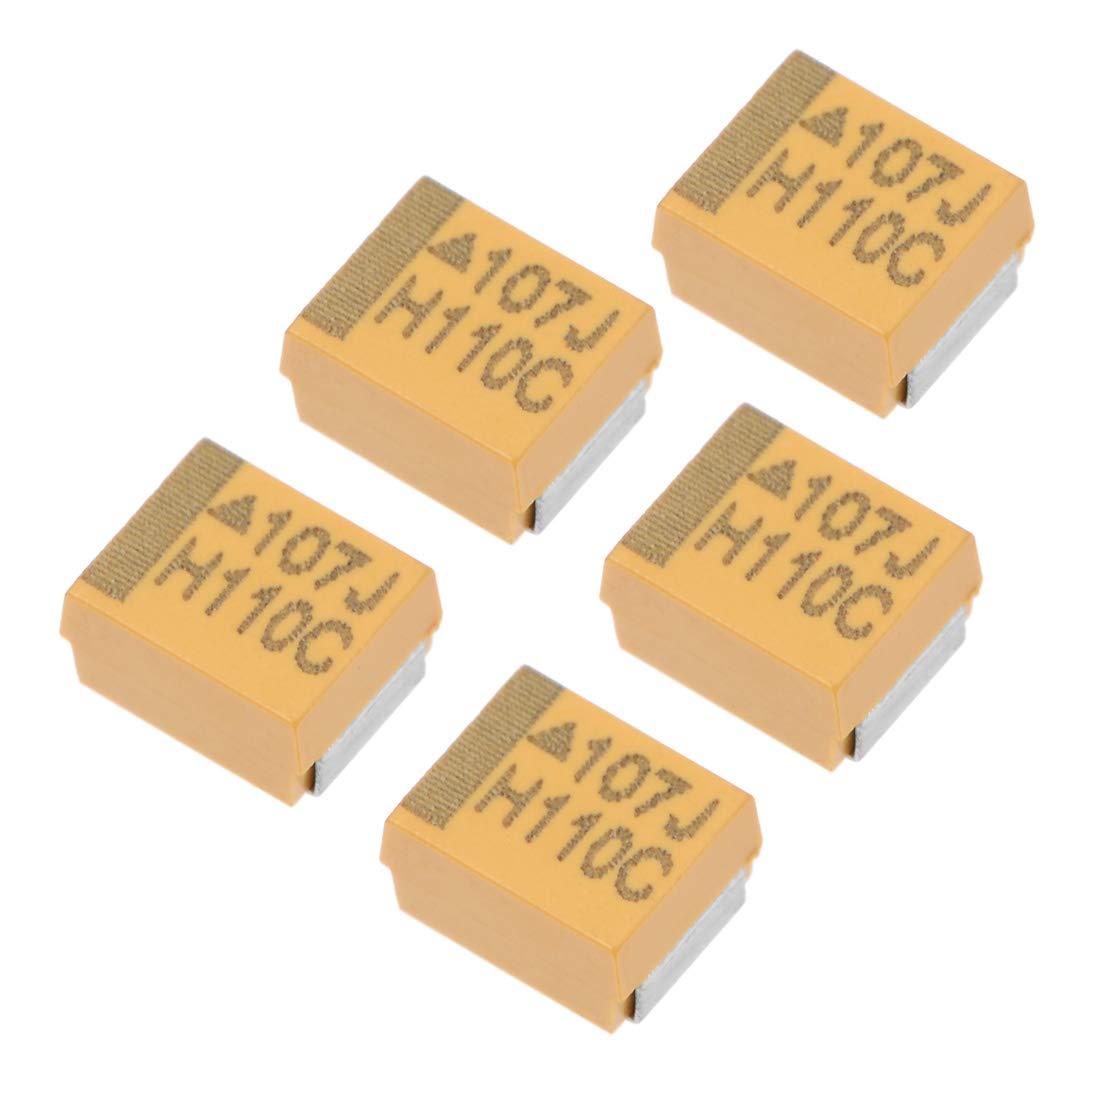 2 Pack SMD Electrolytic Capacitor 35V 220uF SMT